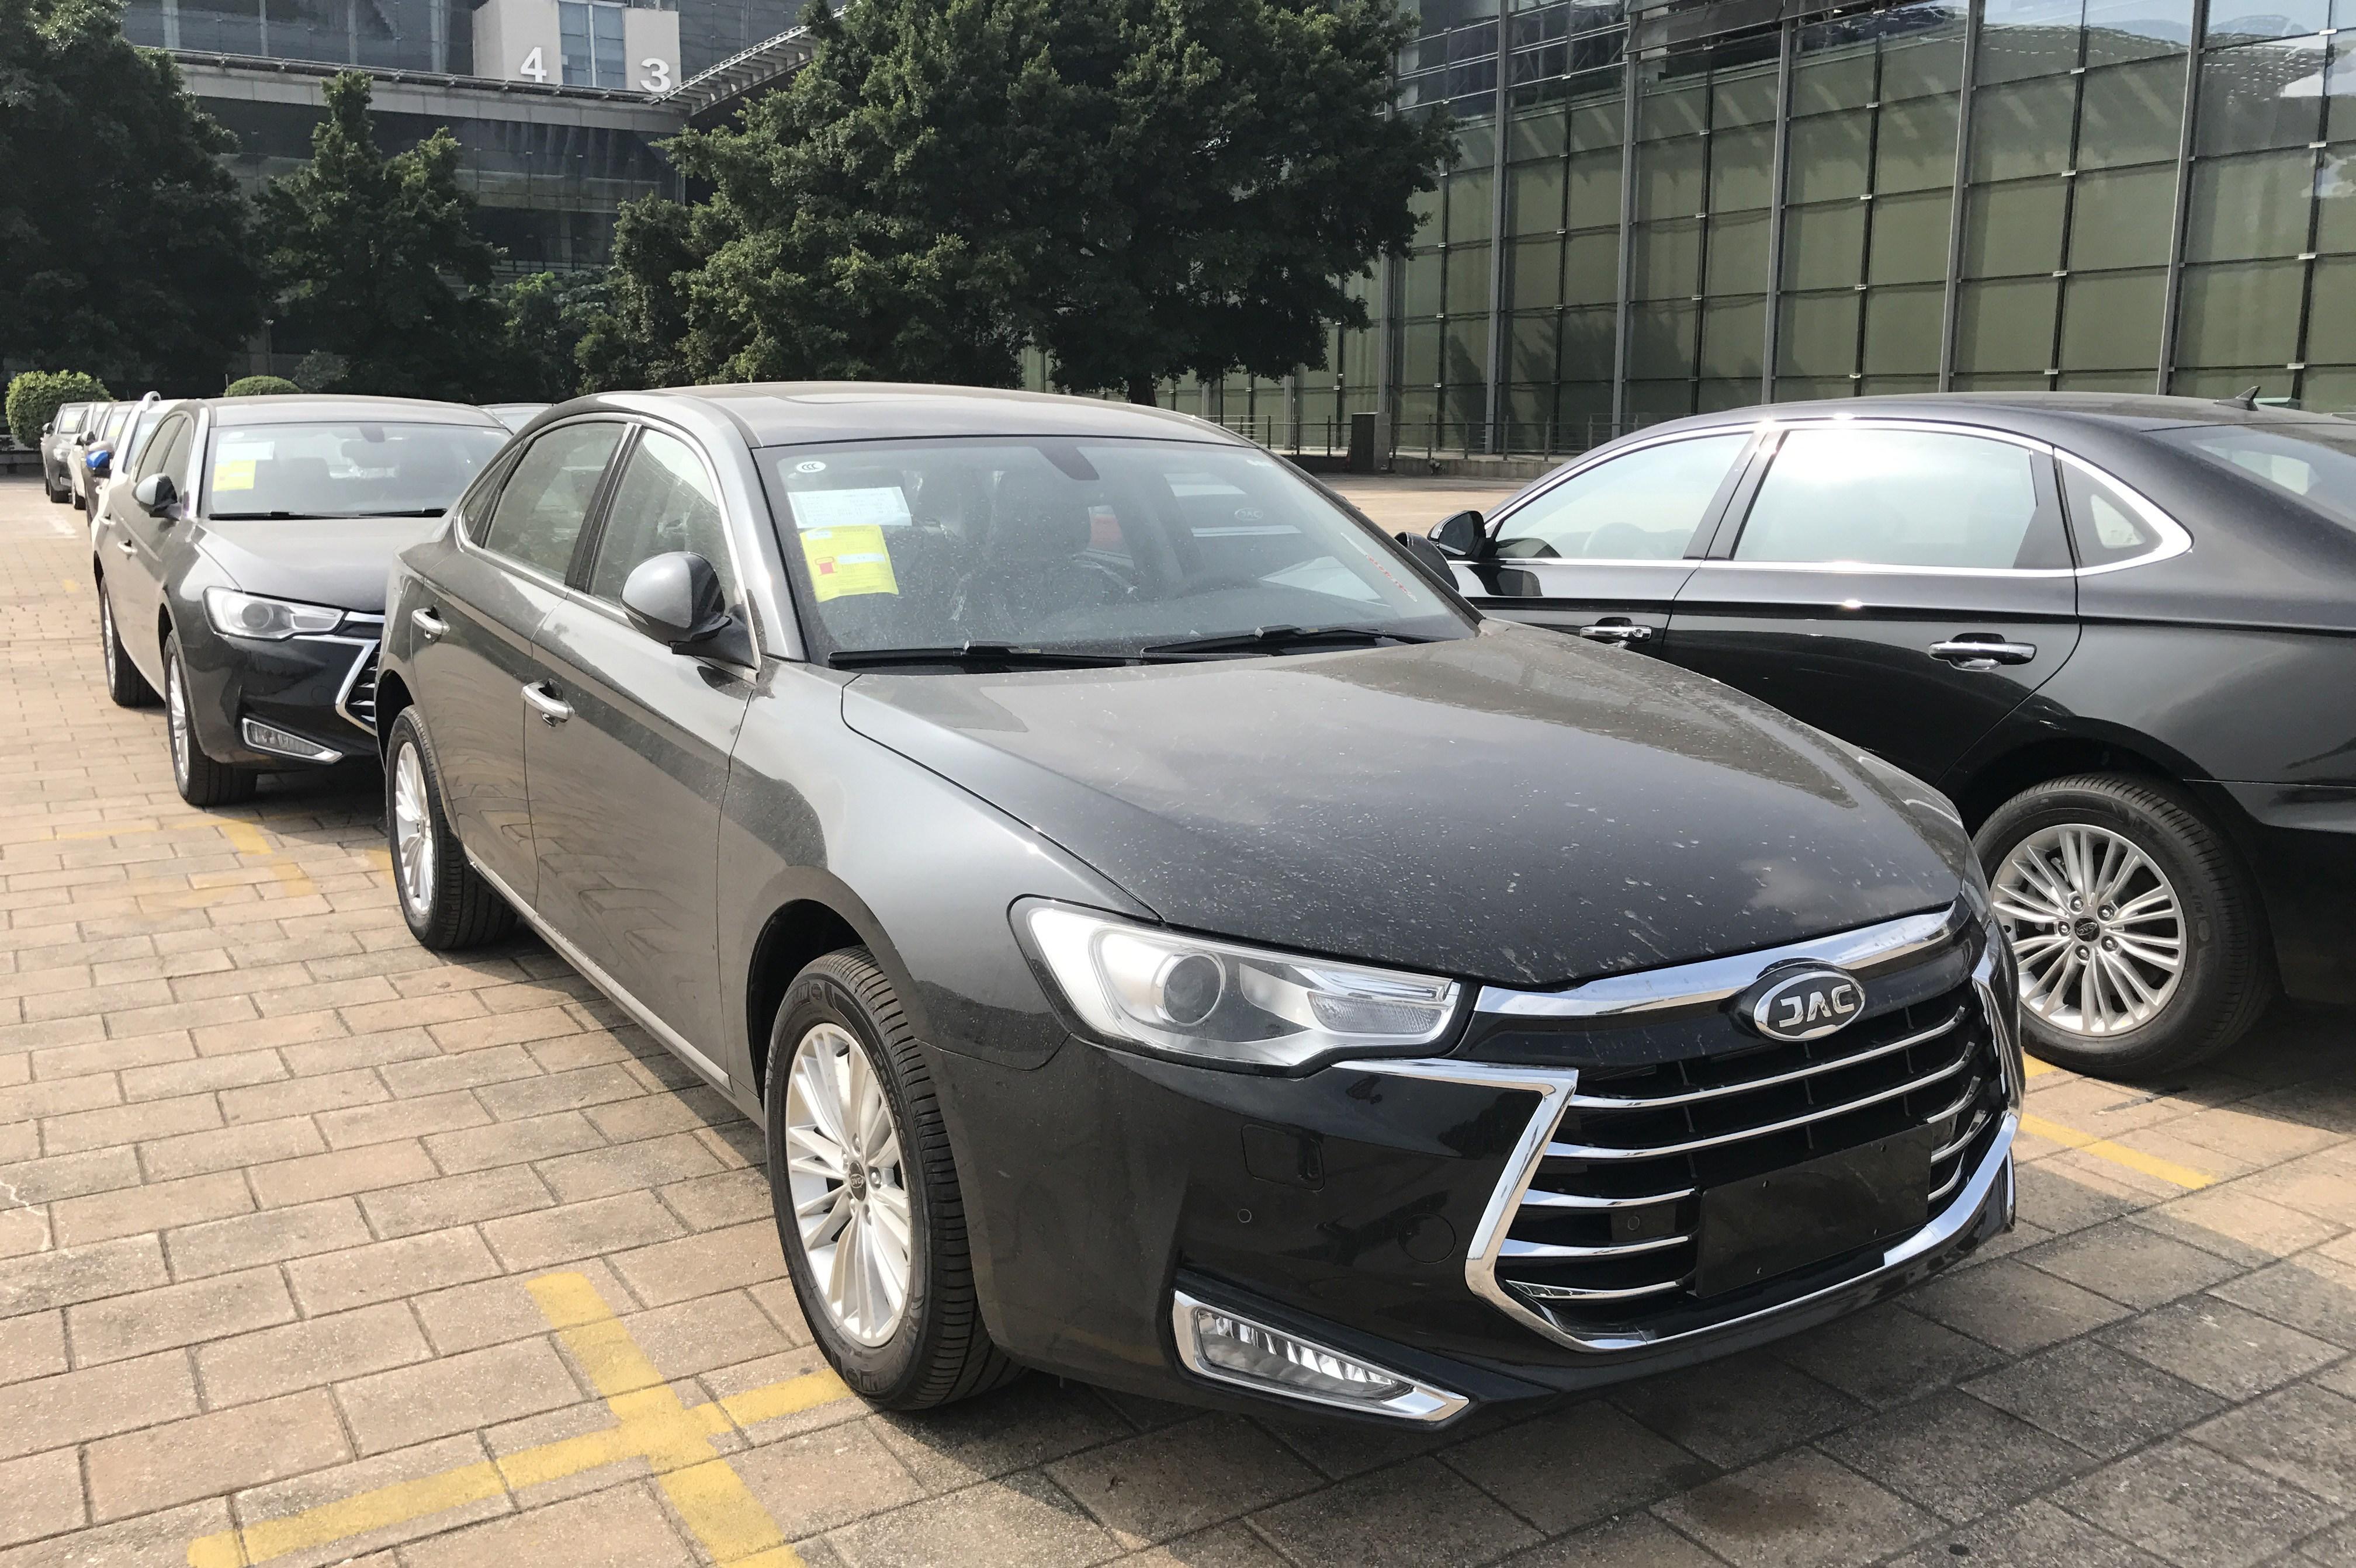 江淮瑞风A60实车图曝光 或广州车展上市